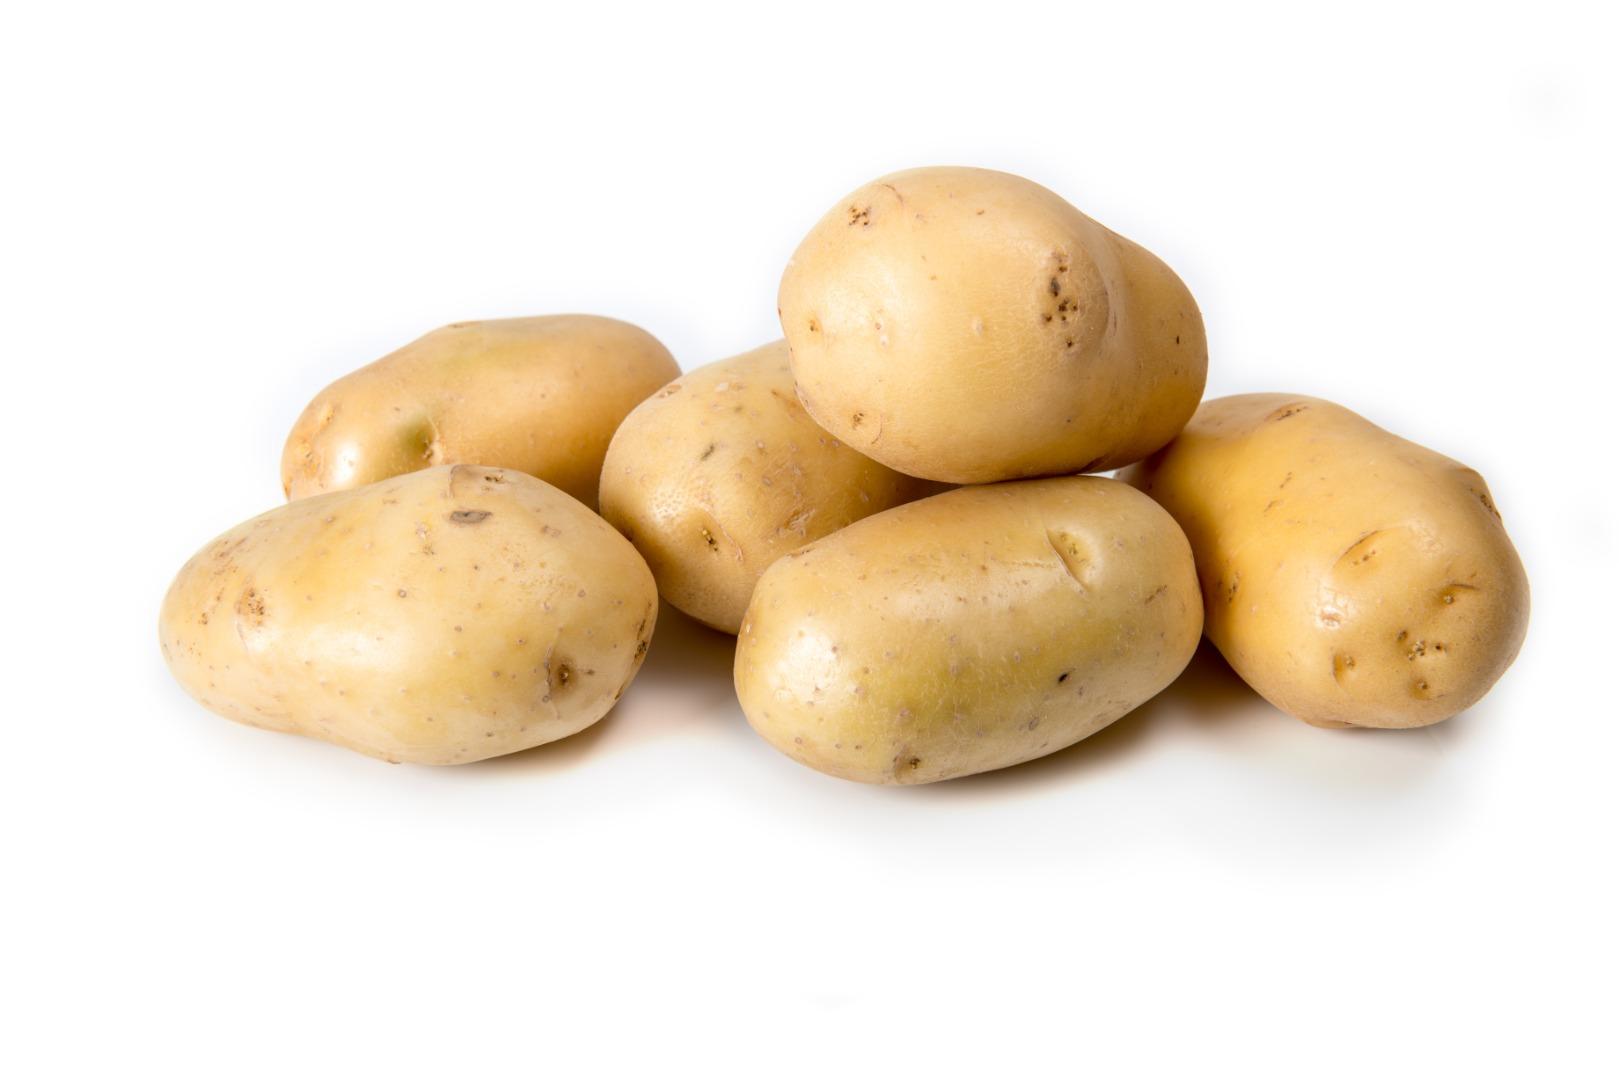 pomme de terre bindje